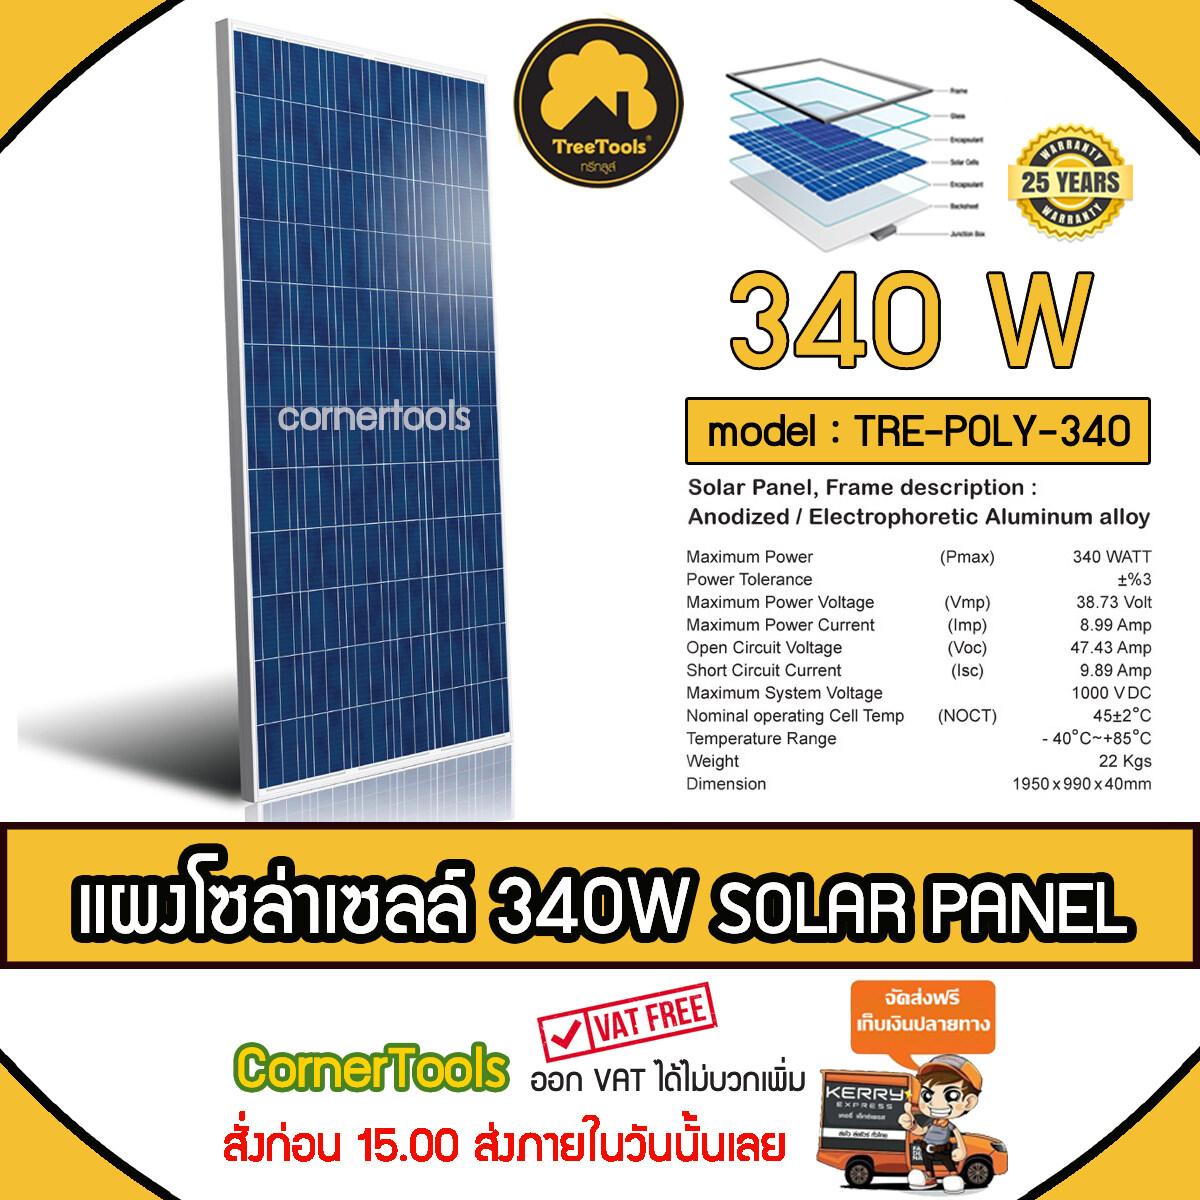 แผงโซล่าเซลล์ โซล่าเซลล์ 340w Treetools Poly แผงพลังงานแสงอาทิตย์ 340 วัตต์ Solar Panel Polycrytaline 340วัตต์ ***ส่งฟรีแฟลช สั่งก่อนบ่ายสามส่งภายในวัน***.